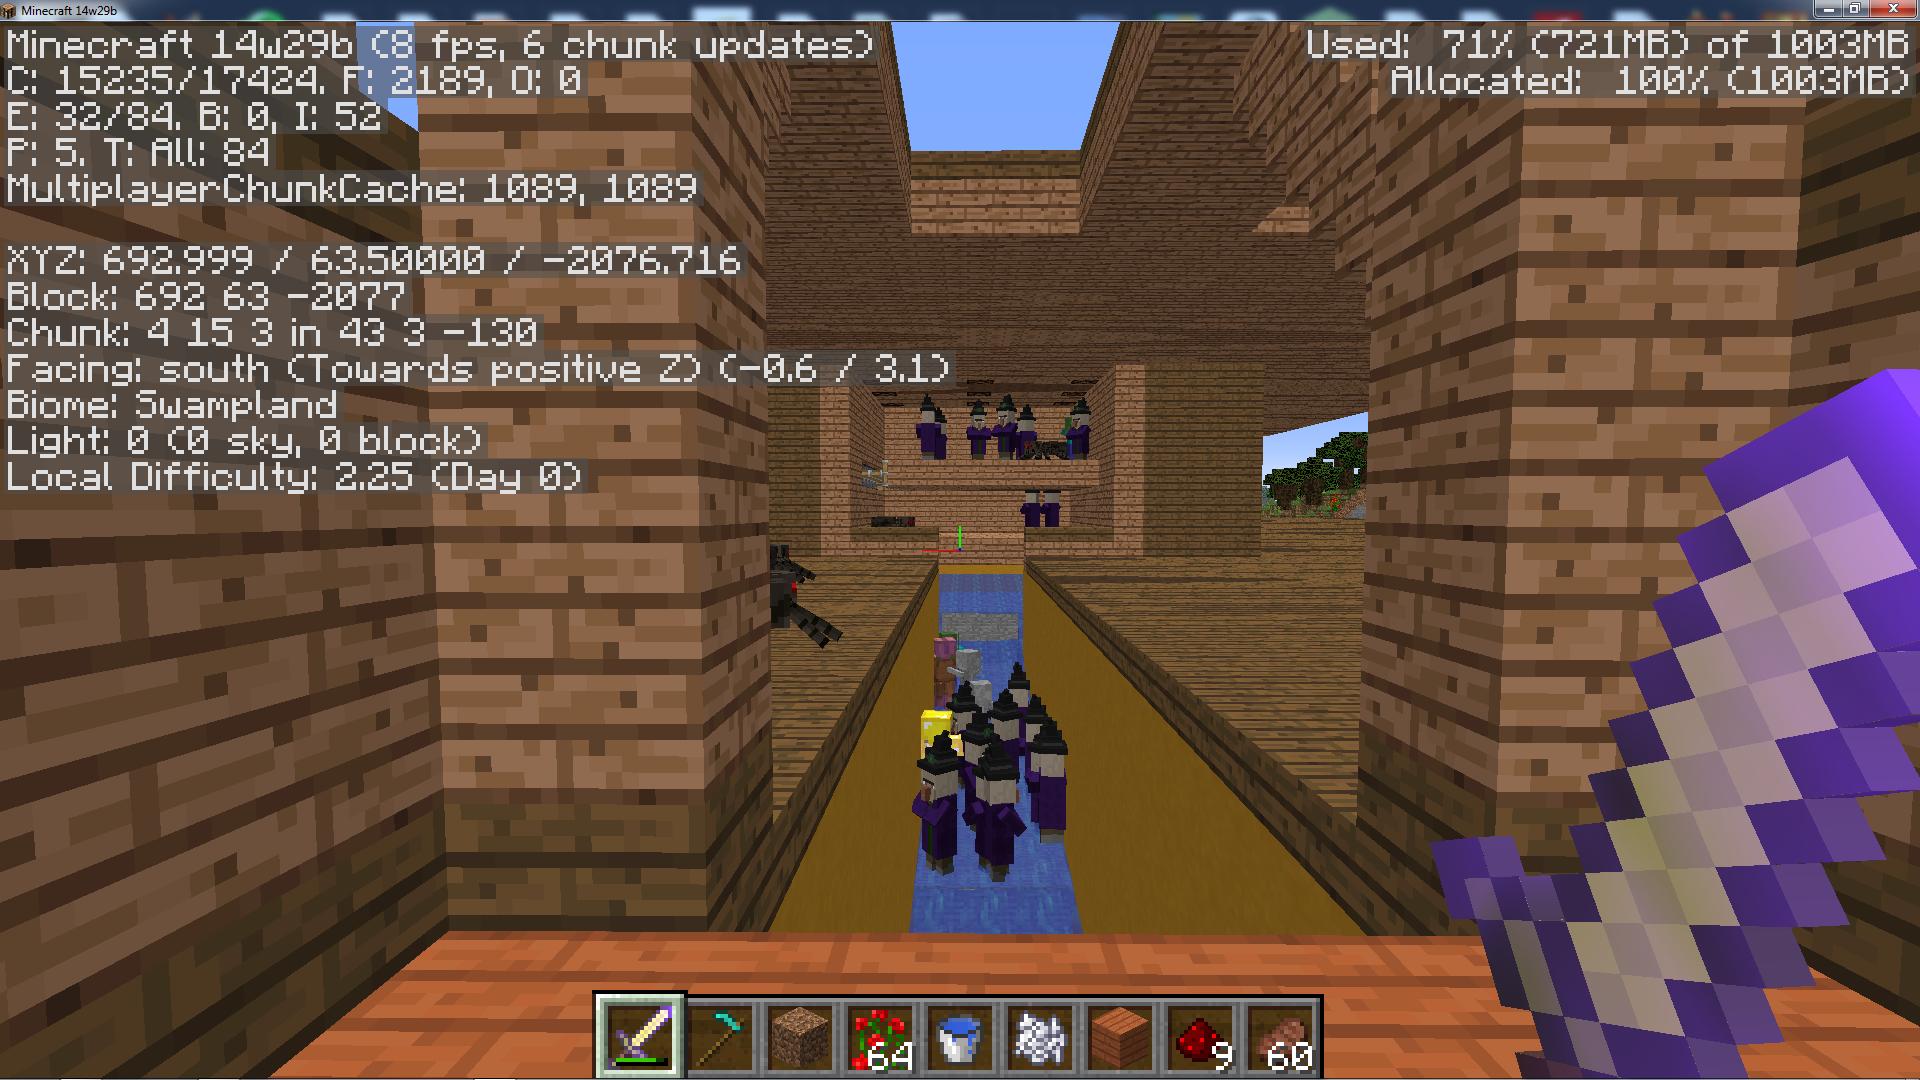 minecraft witch farm 1.13